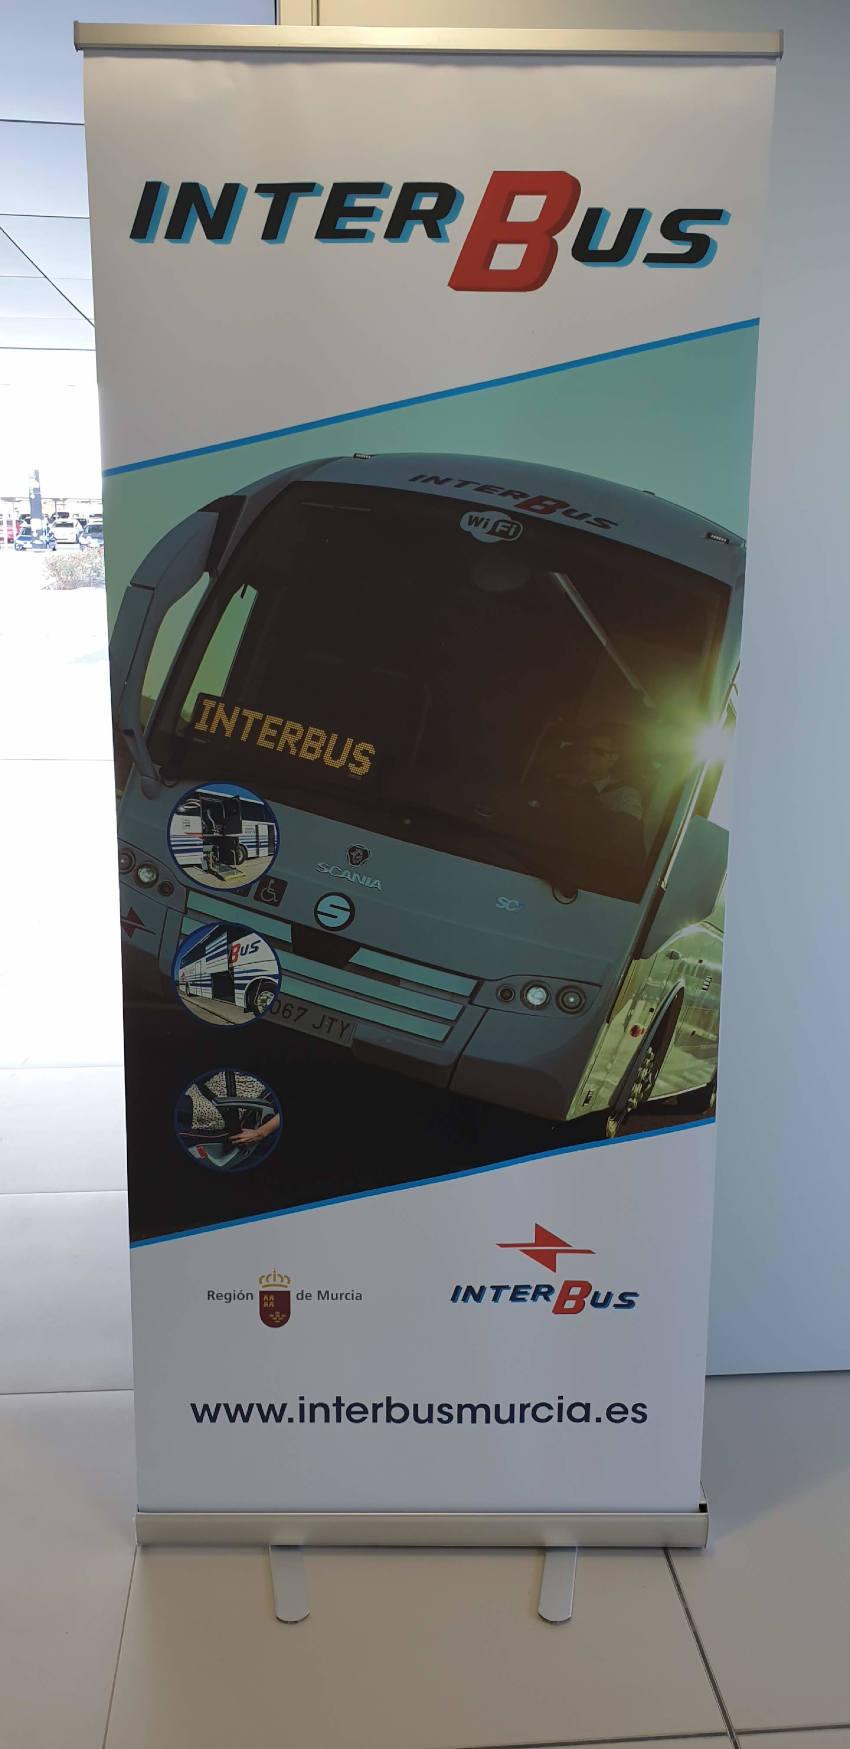 Corvera Airport Interbus